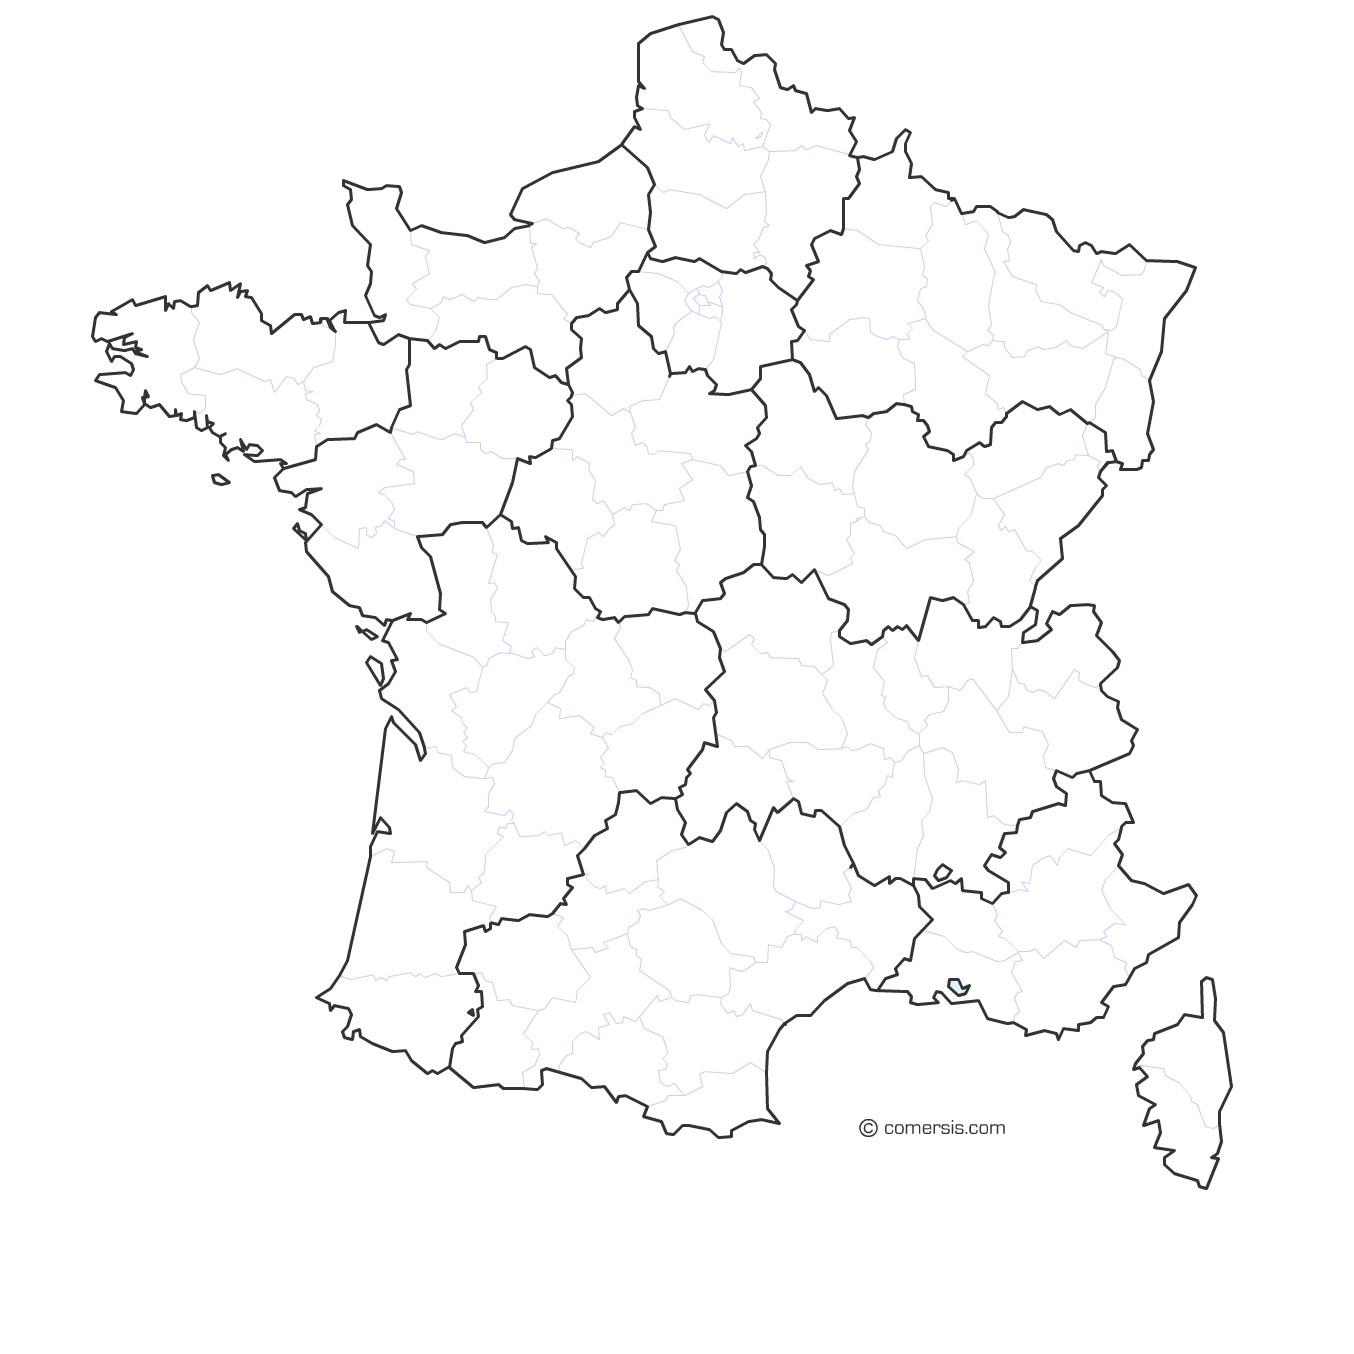 204E Carte France Region | Wiring Library pour Carte Ile De France Vierge